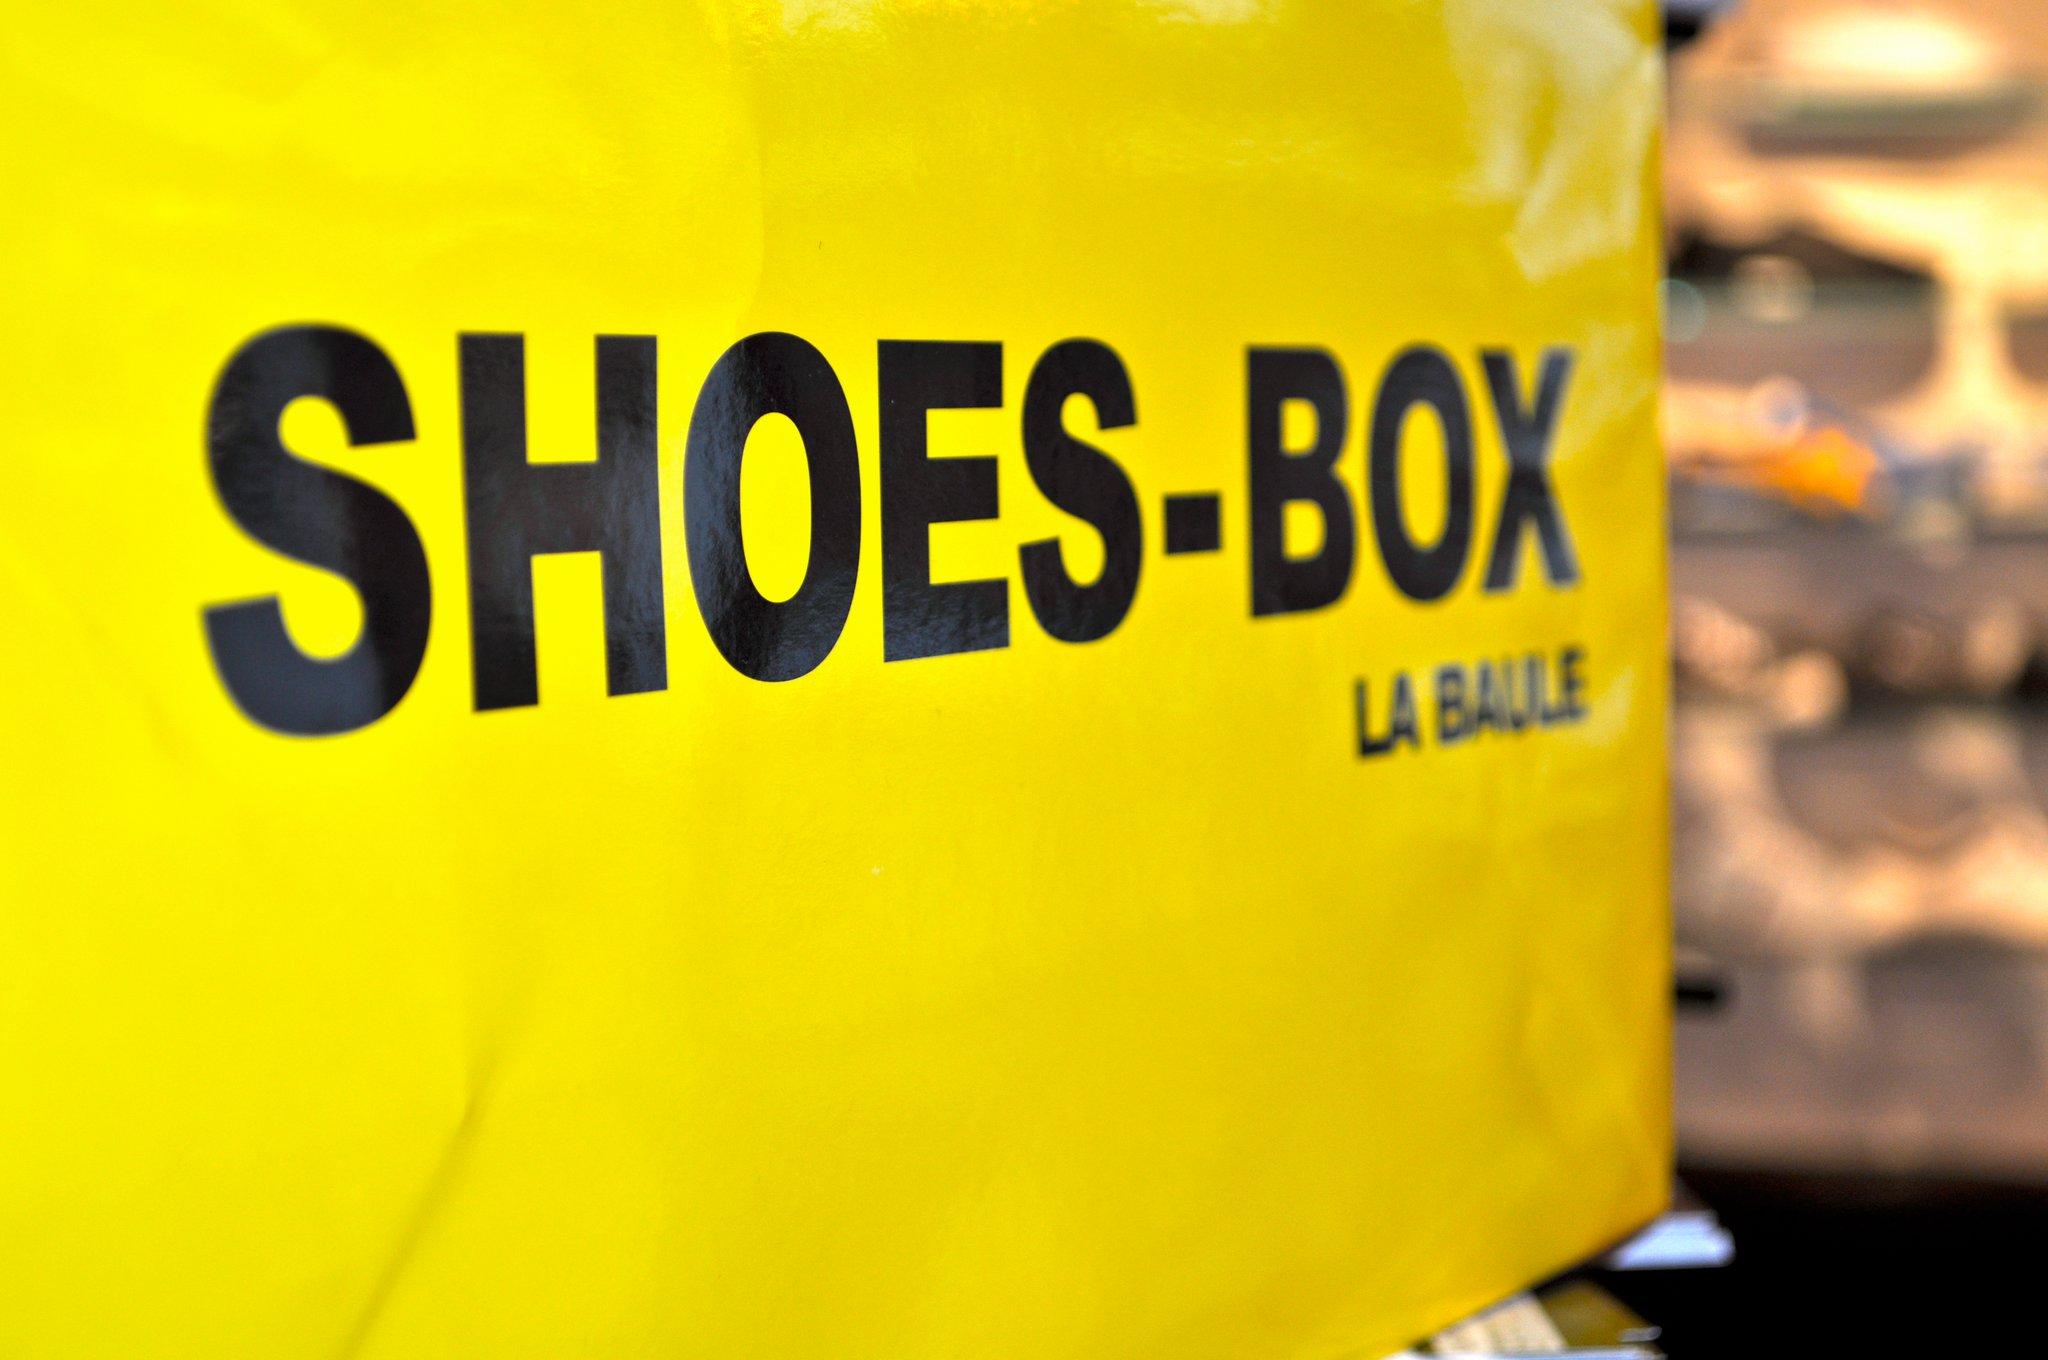 Boutique de chaussures Shoes Box à La Baule